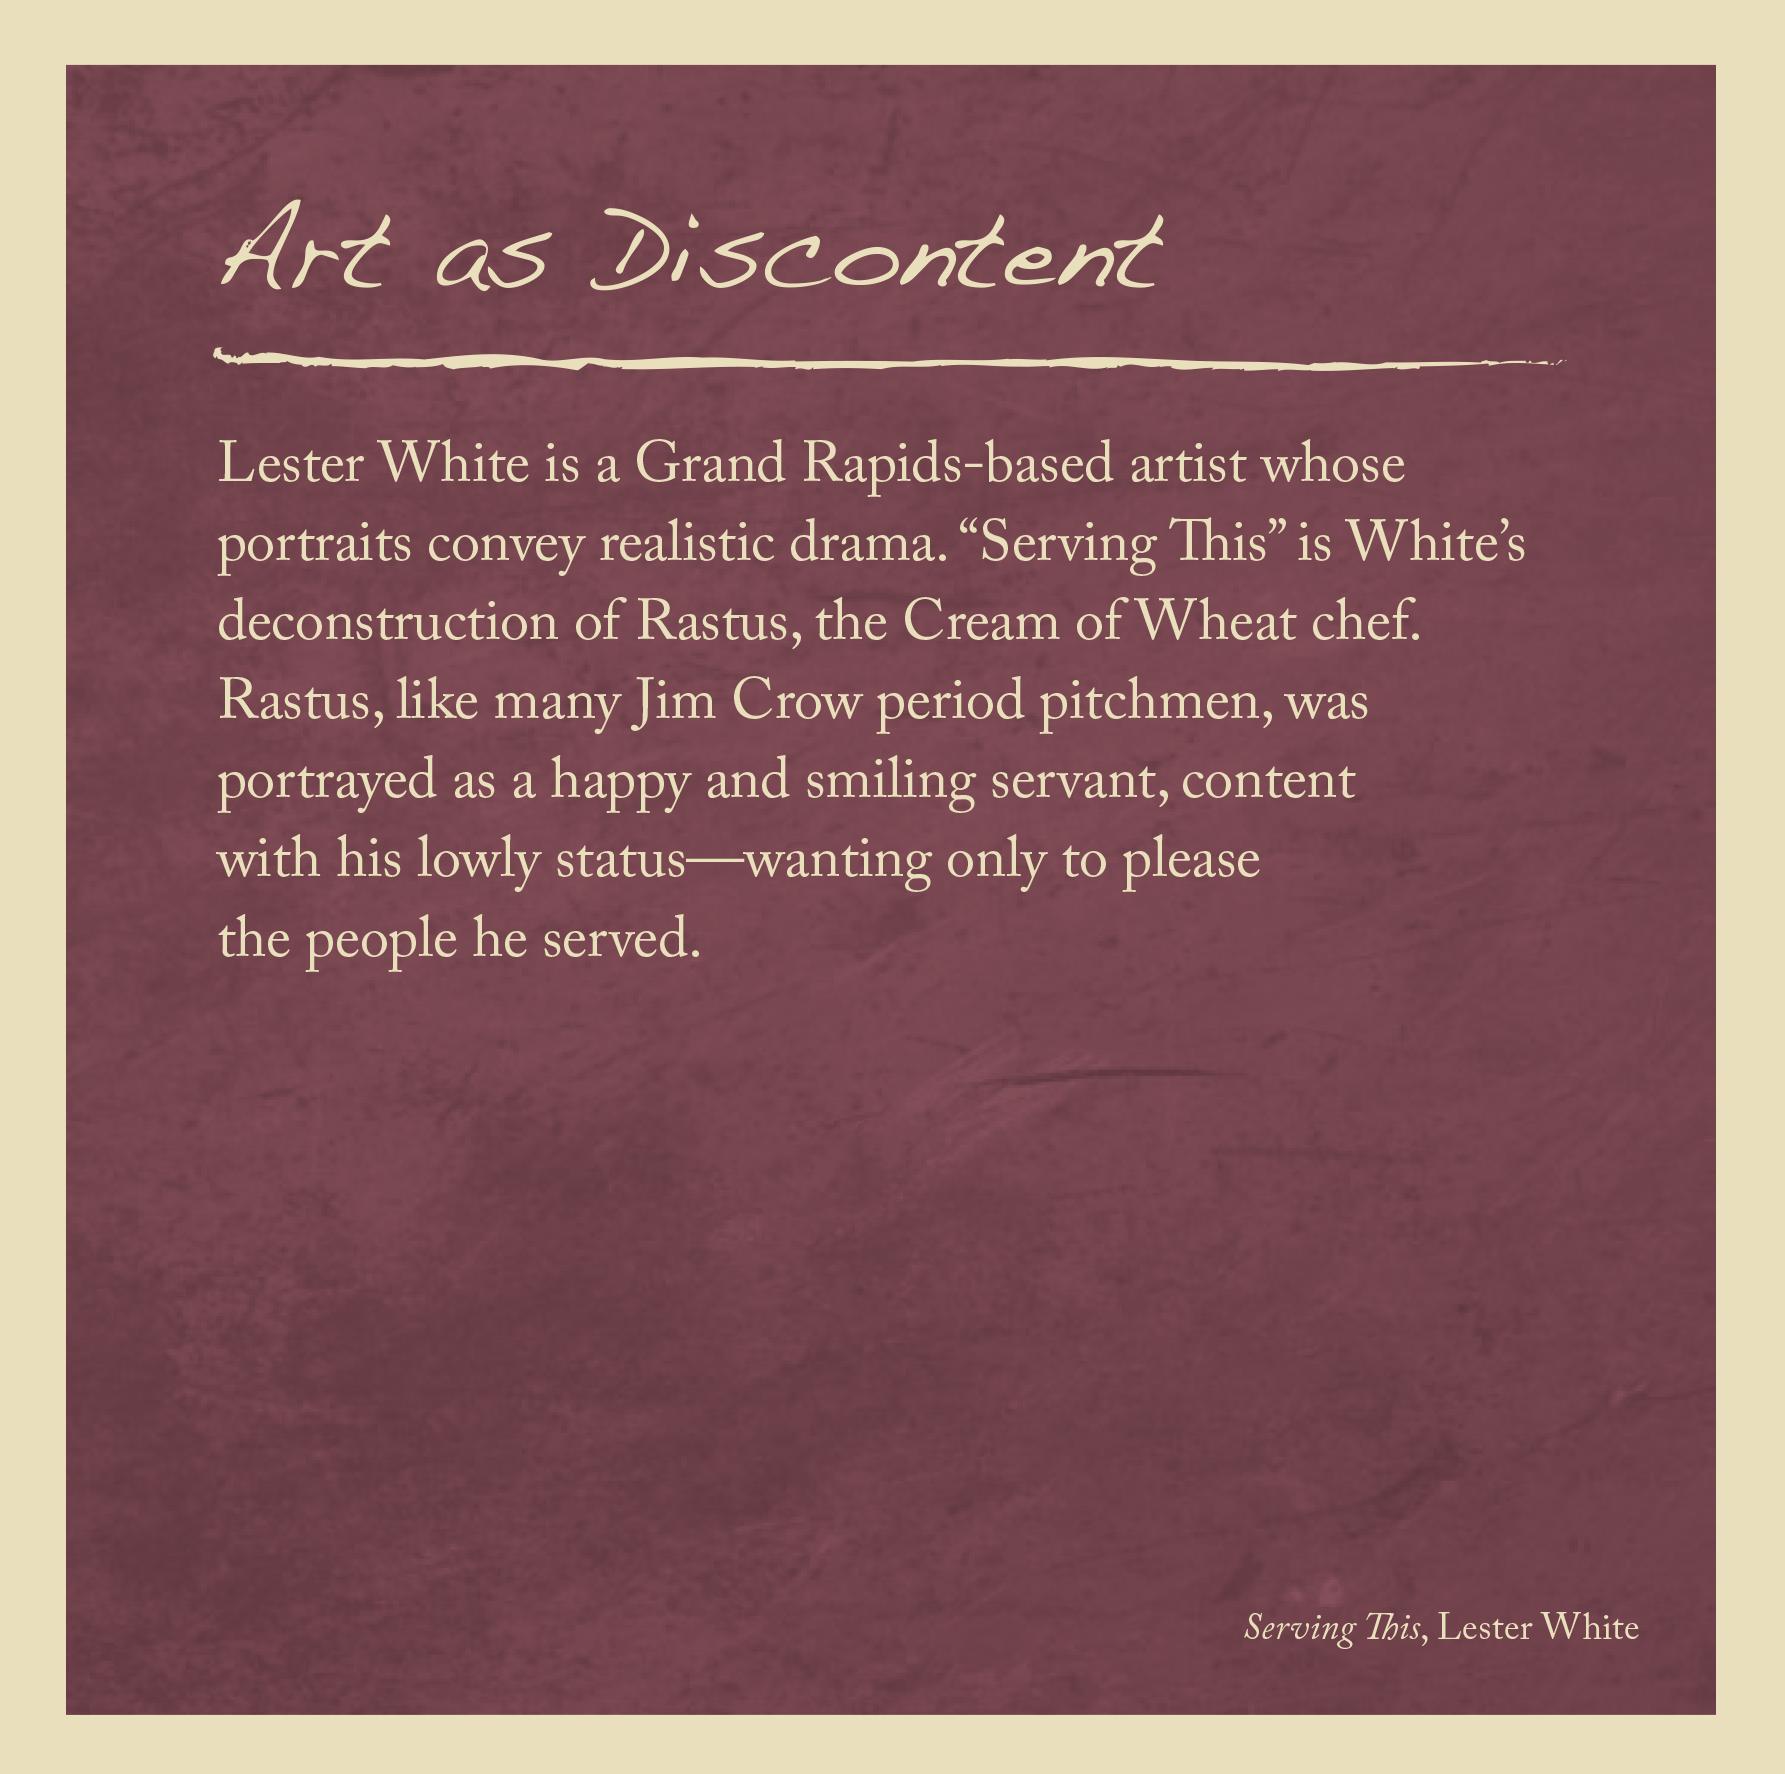 Art as Discontent.jpg